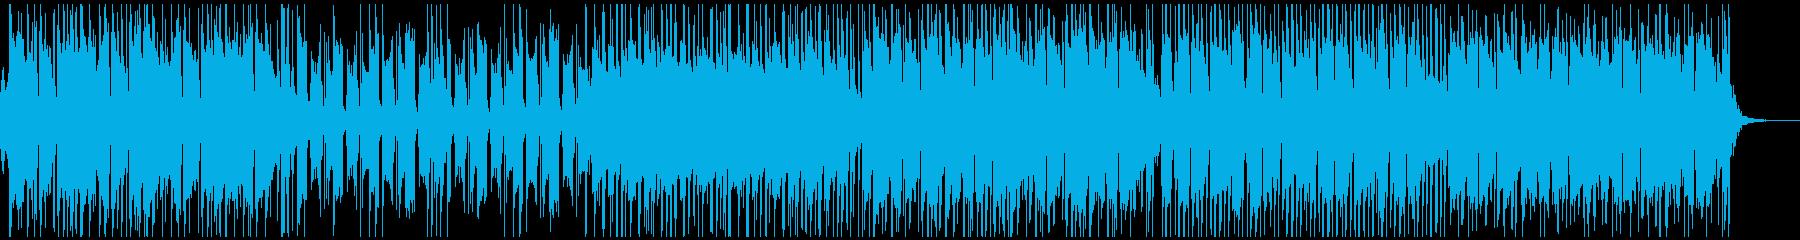 津軽三味線とストリングスの和風ポップの再生済みの波形